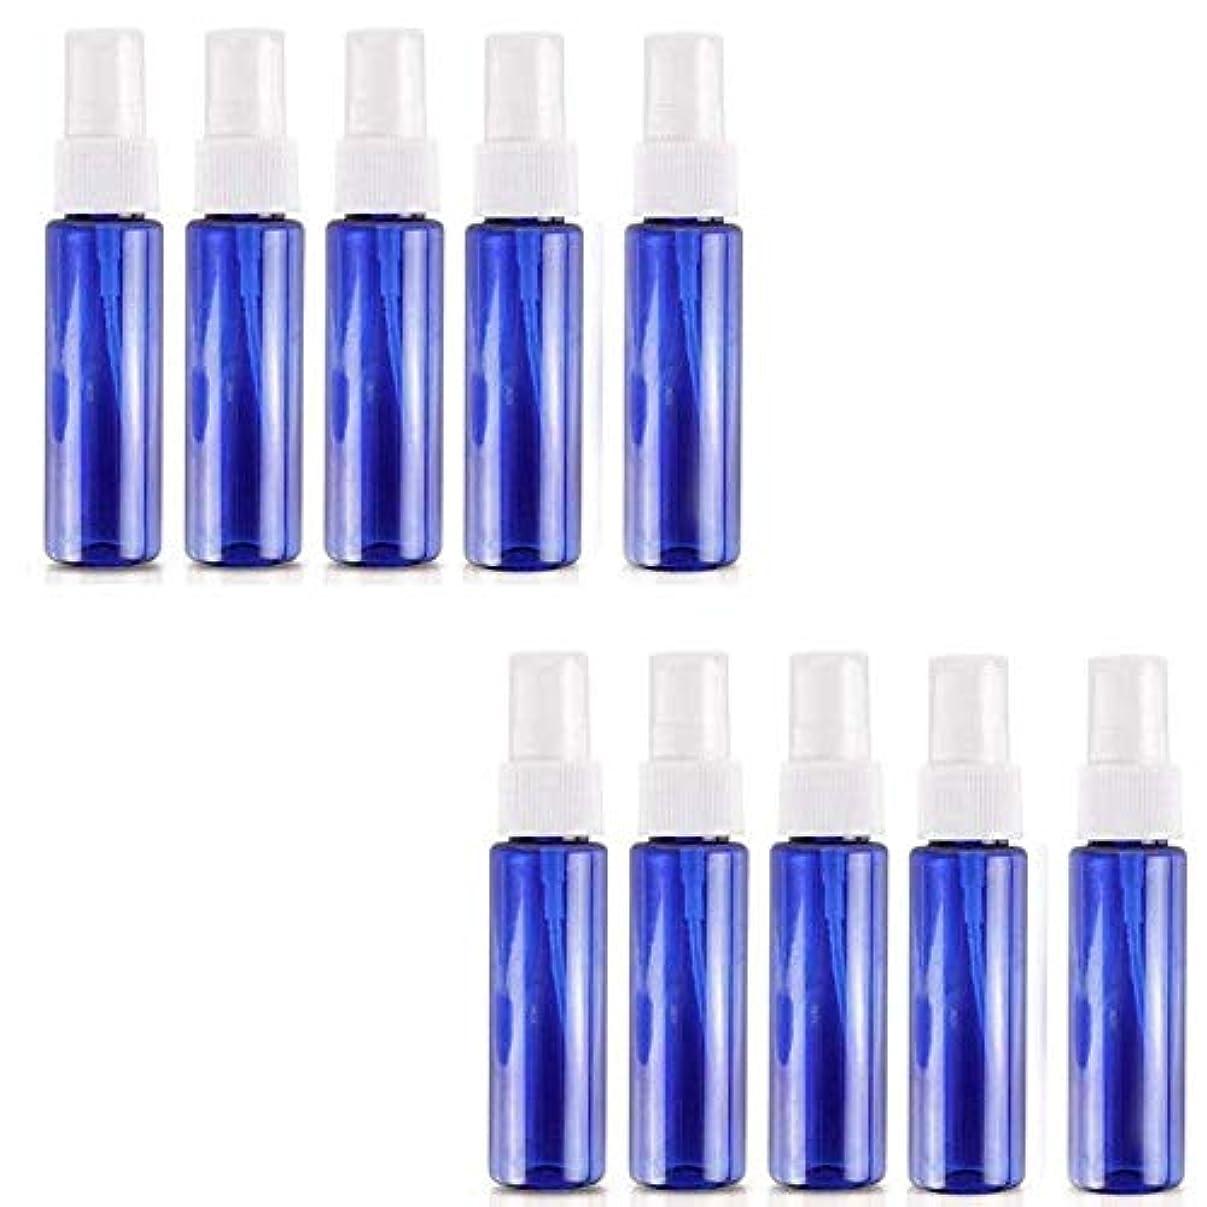 返済重大ソーセージLindexs スプレー容器 スプレーボトル30ML 遮光瓶スプレー アロマ虫除けスプレー プラスチック製 10本 30ML